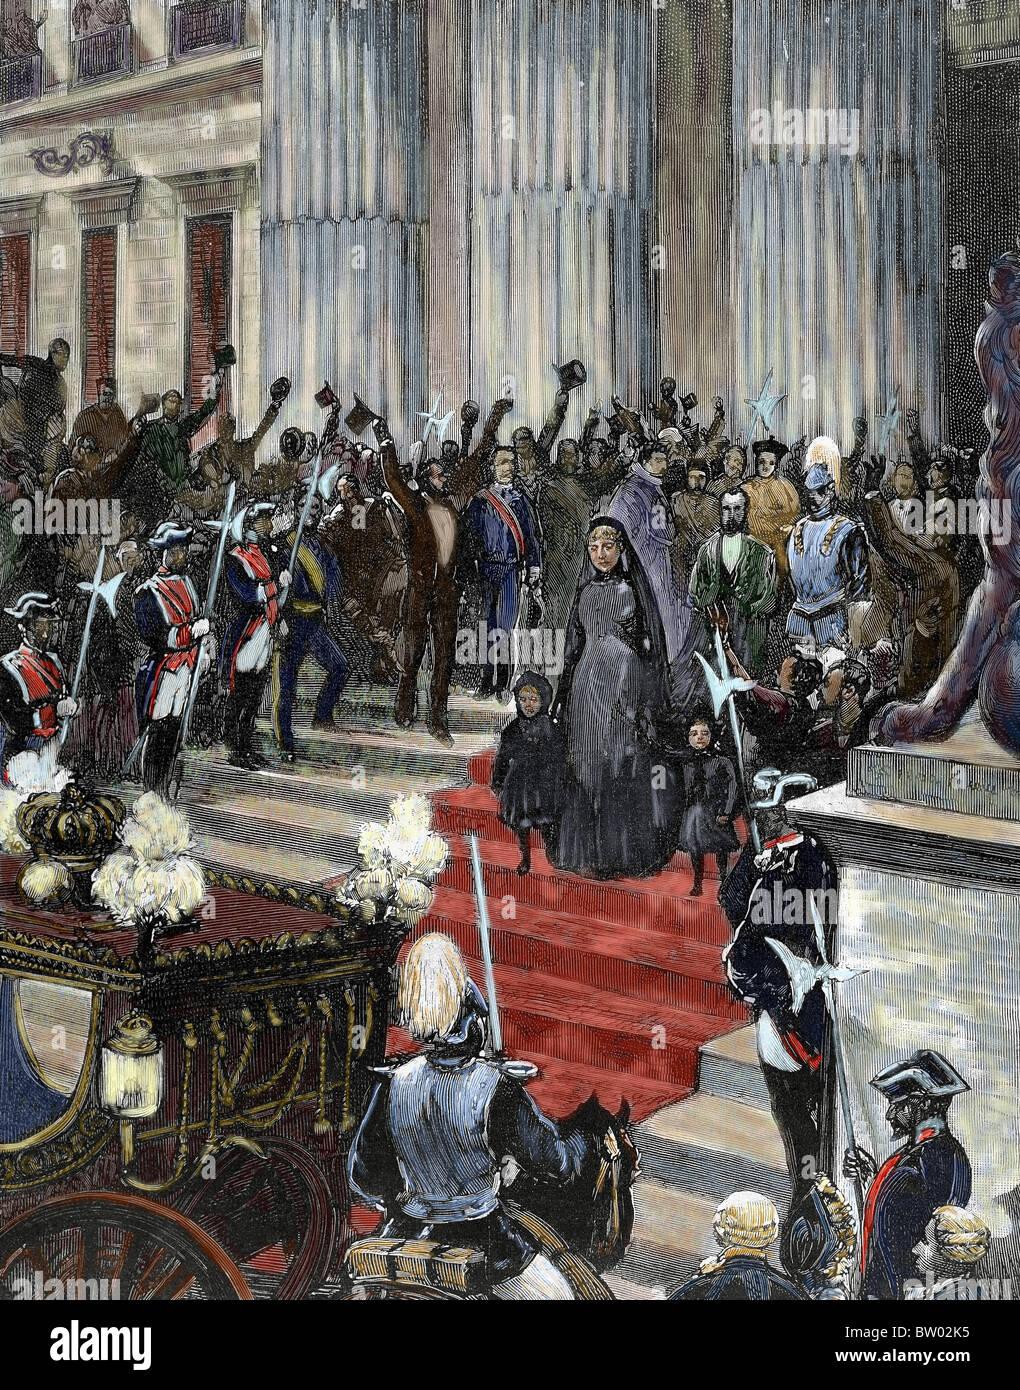 Regencia de María Cristina de Habsburgo-Lorena (1885-1902). La reina regente (1885-1902) del Congreso. Madrid. Imagen De Stock